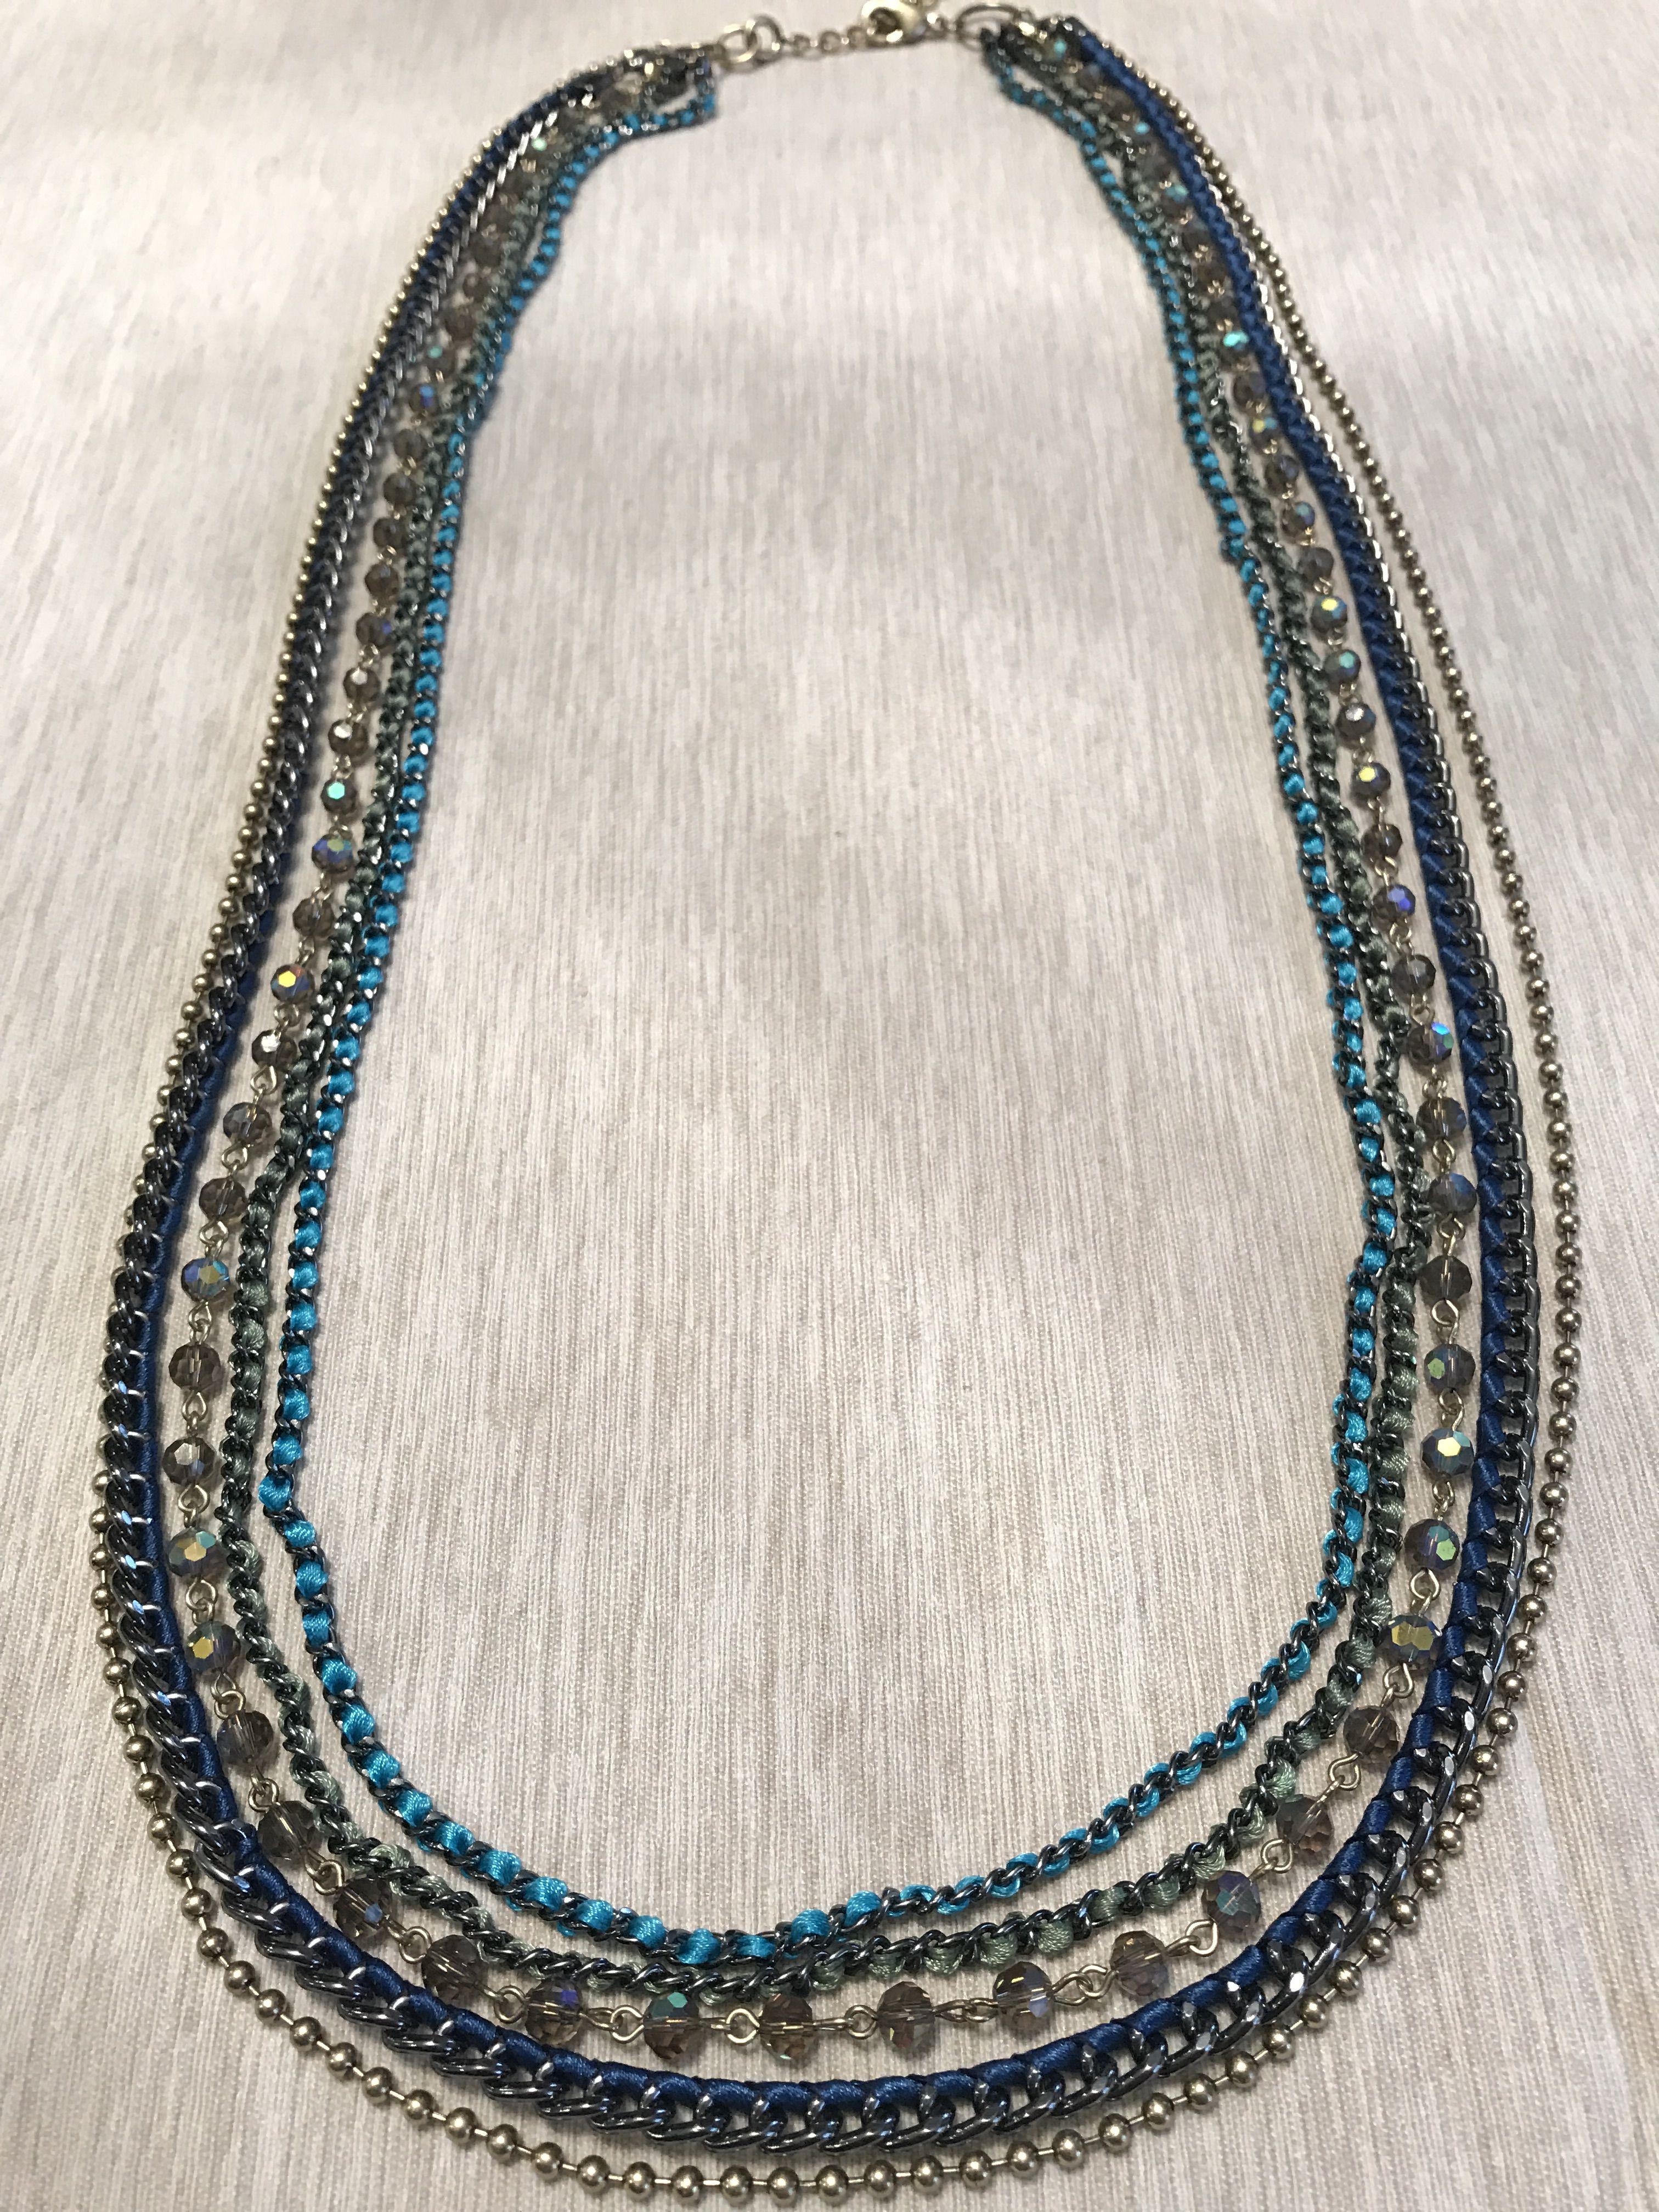 21+ Henrys jewelry cape may ideas in 2021